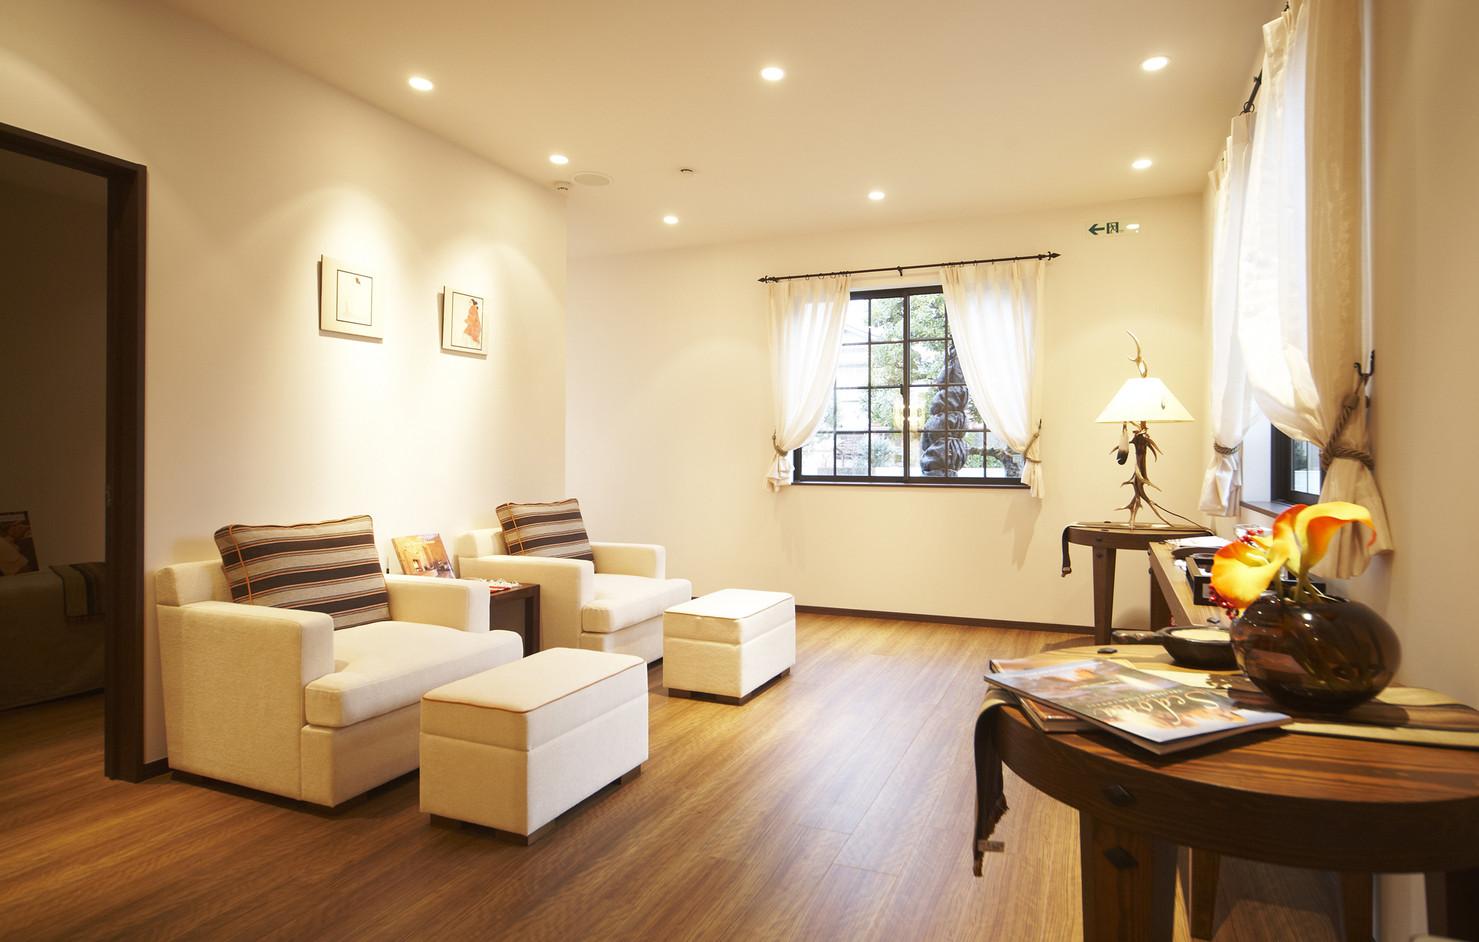 Spa salon design